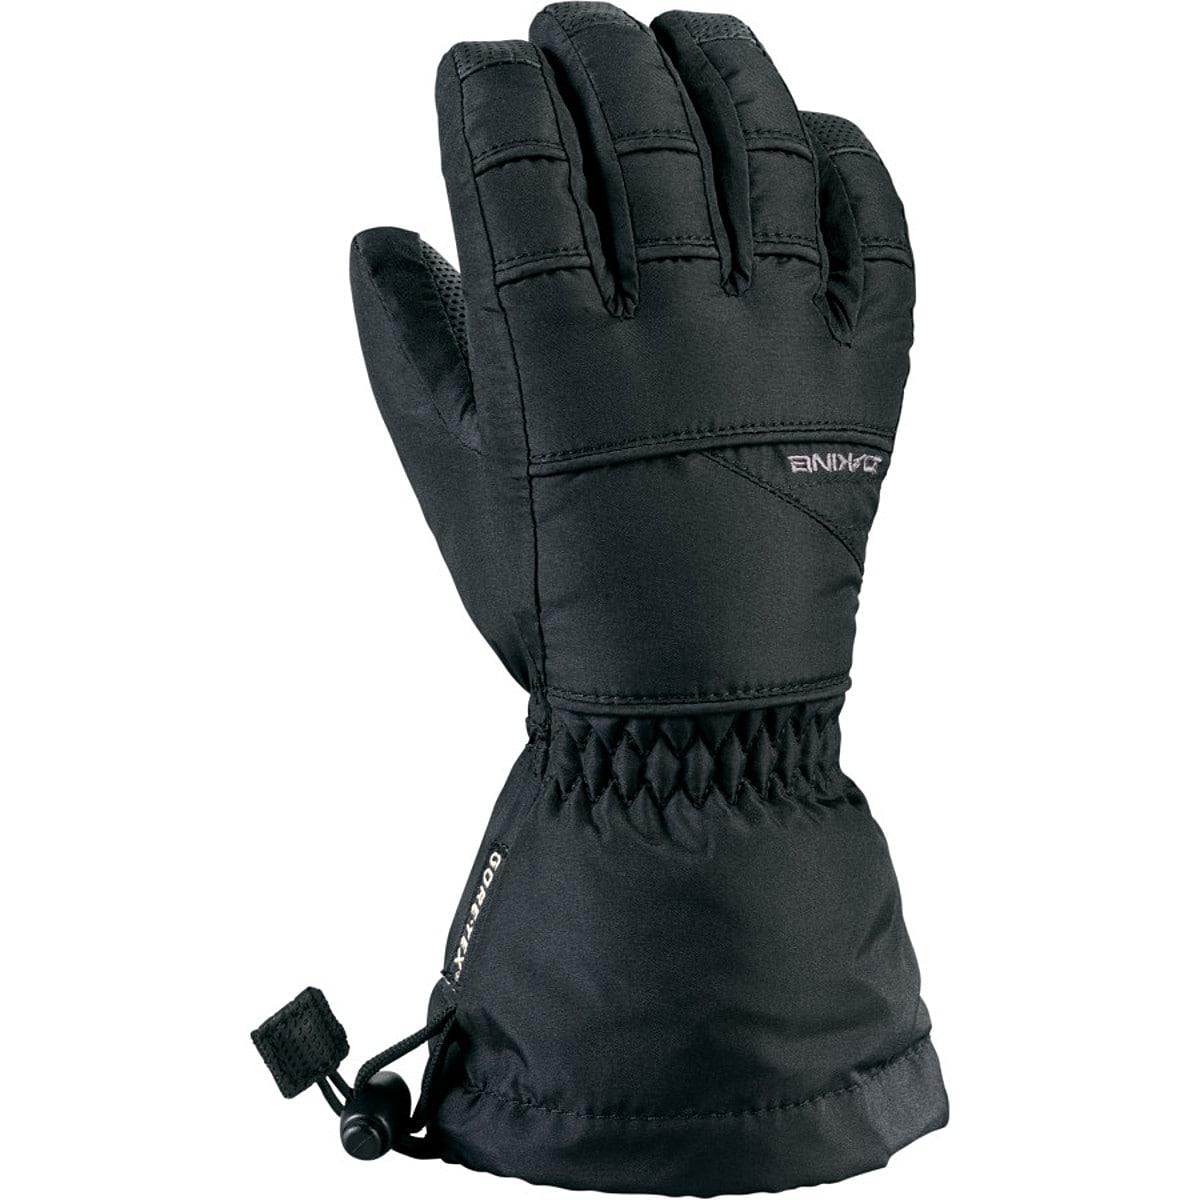 DaKine Avenger JR Glove